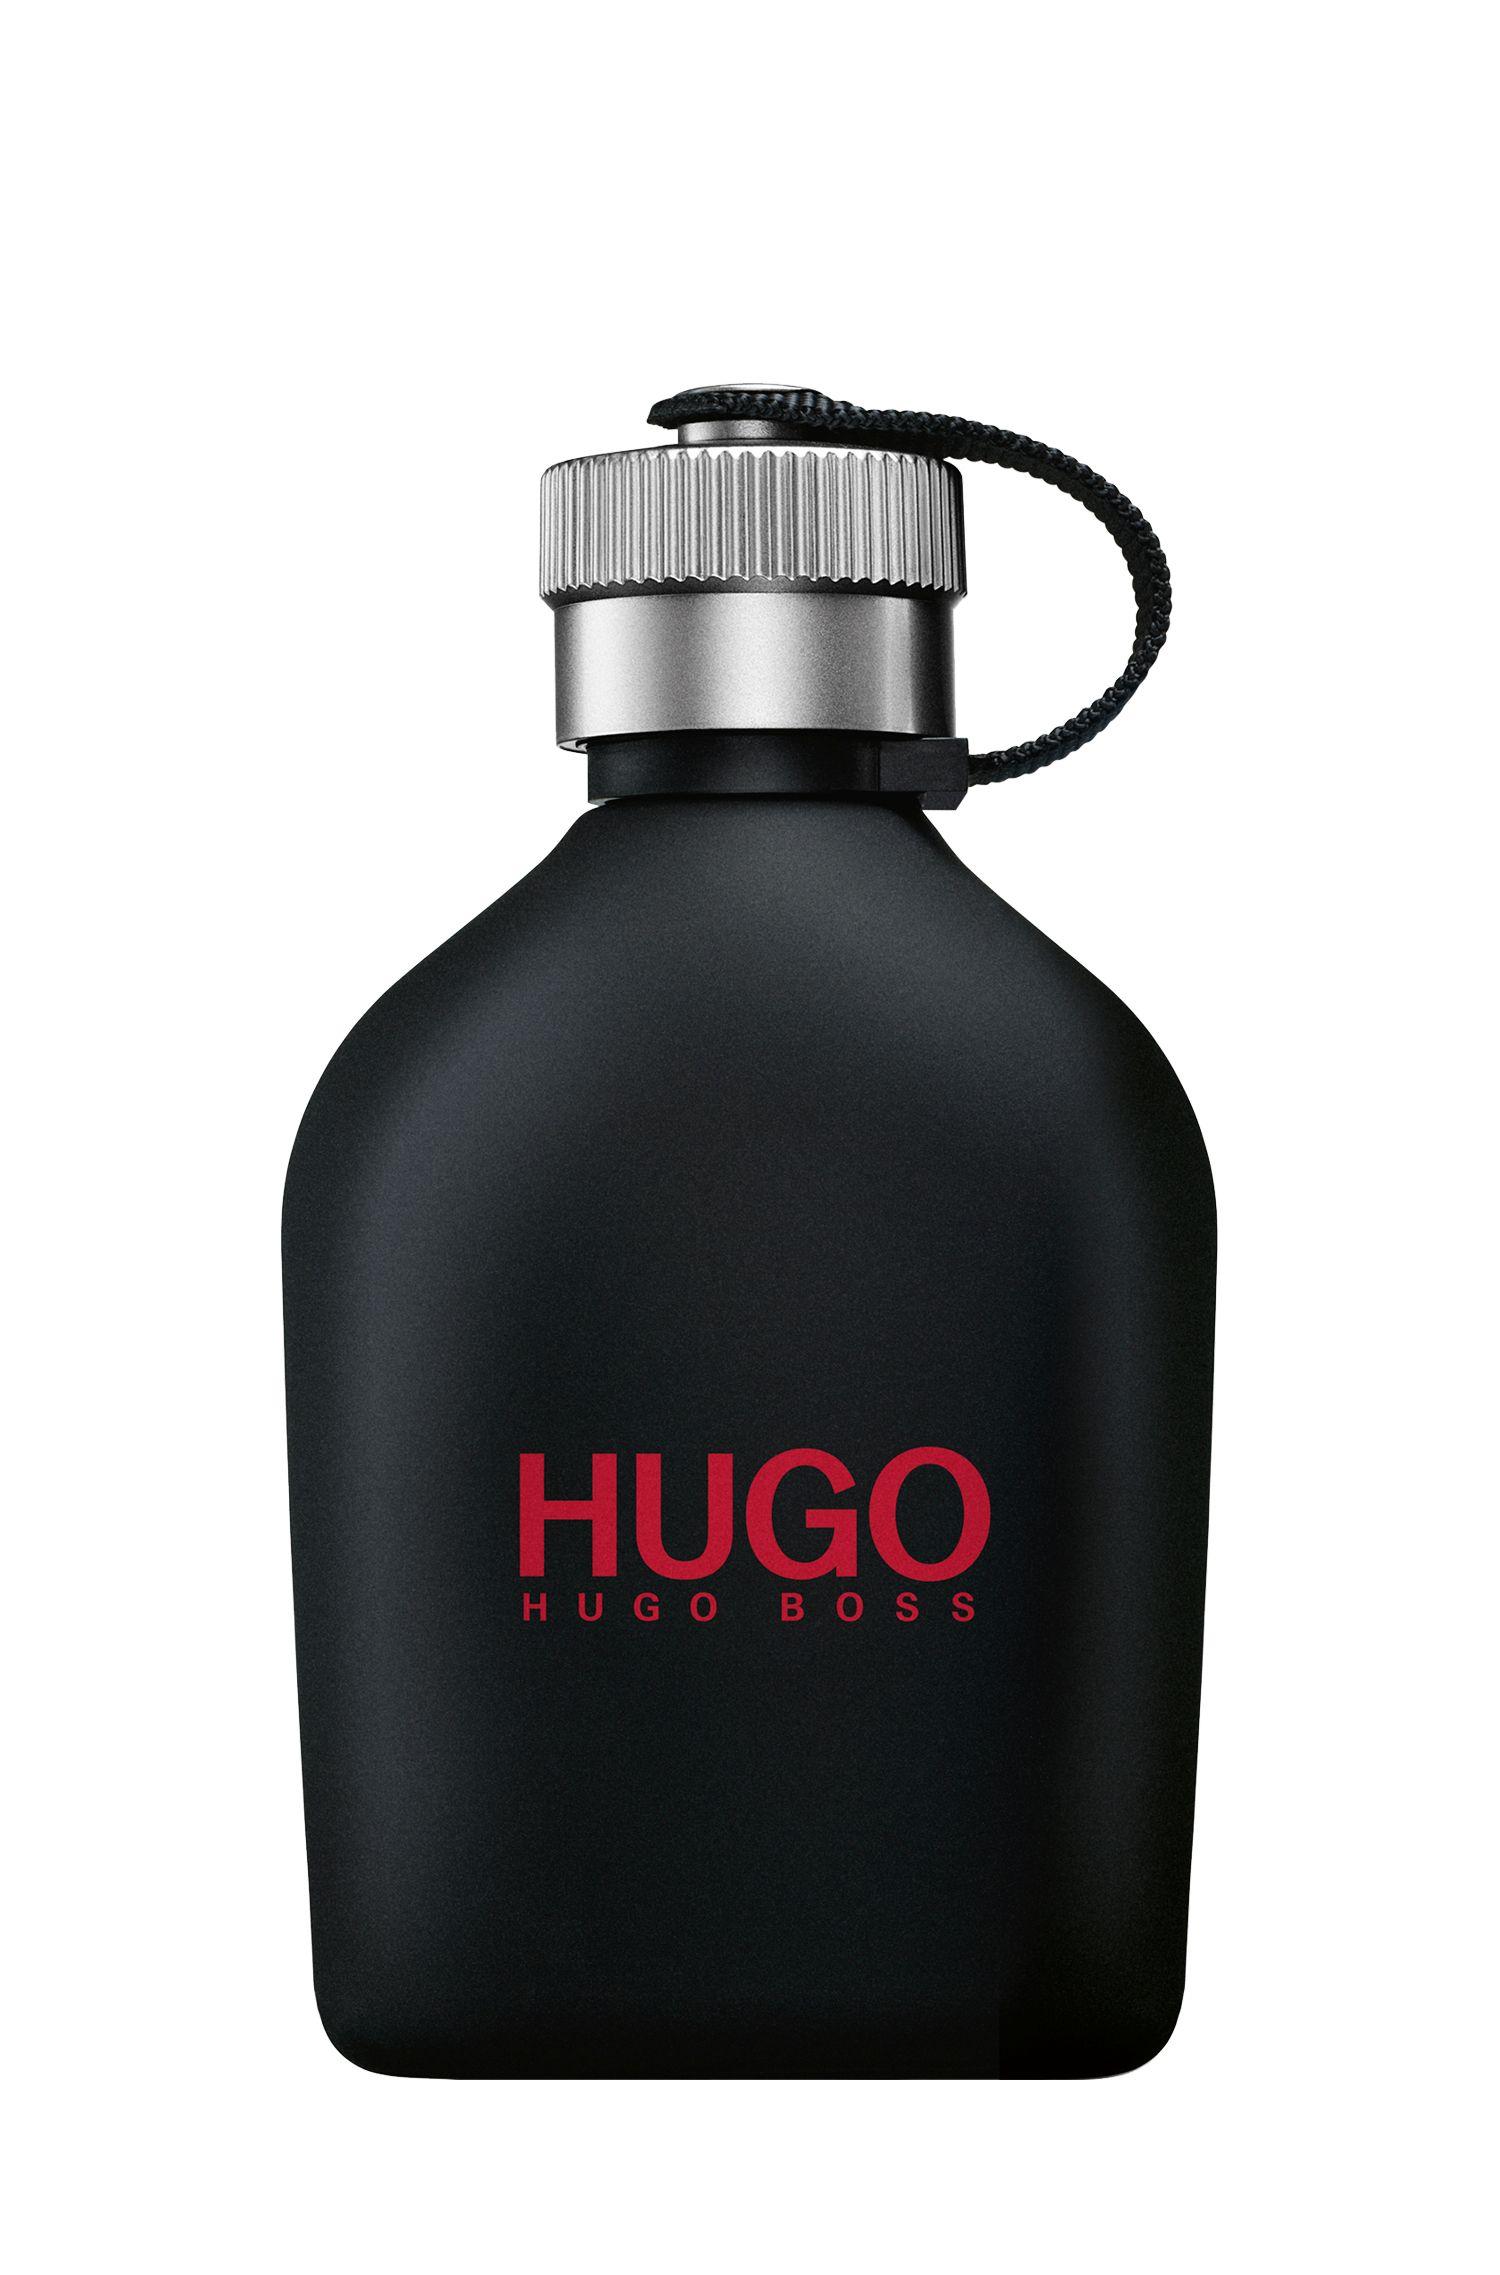 4.2 fl. oz. (125 mL) Eau de Toilette | HUGO Just Different